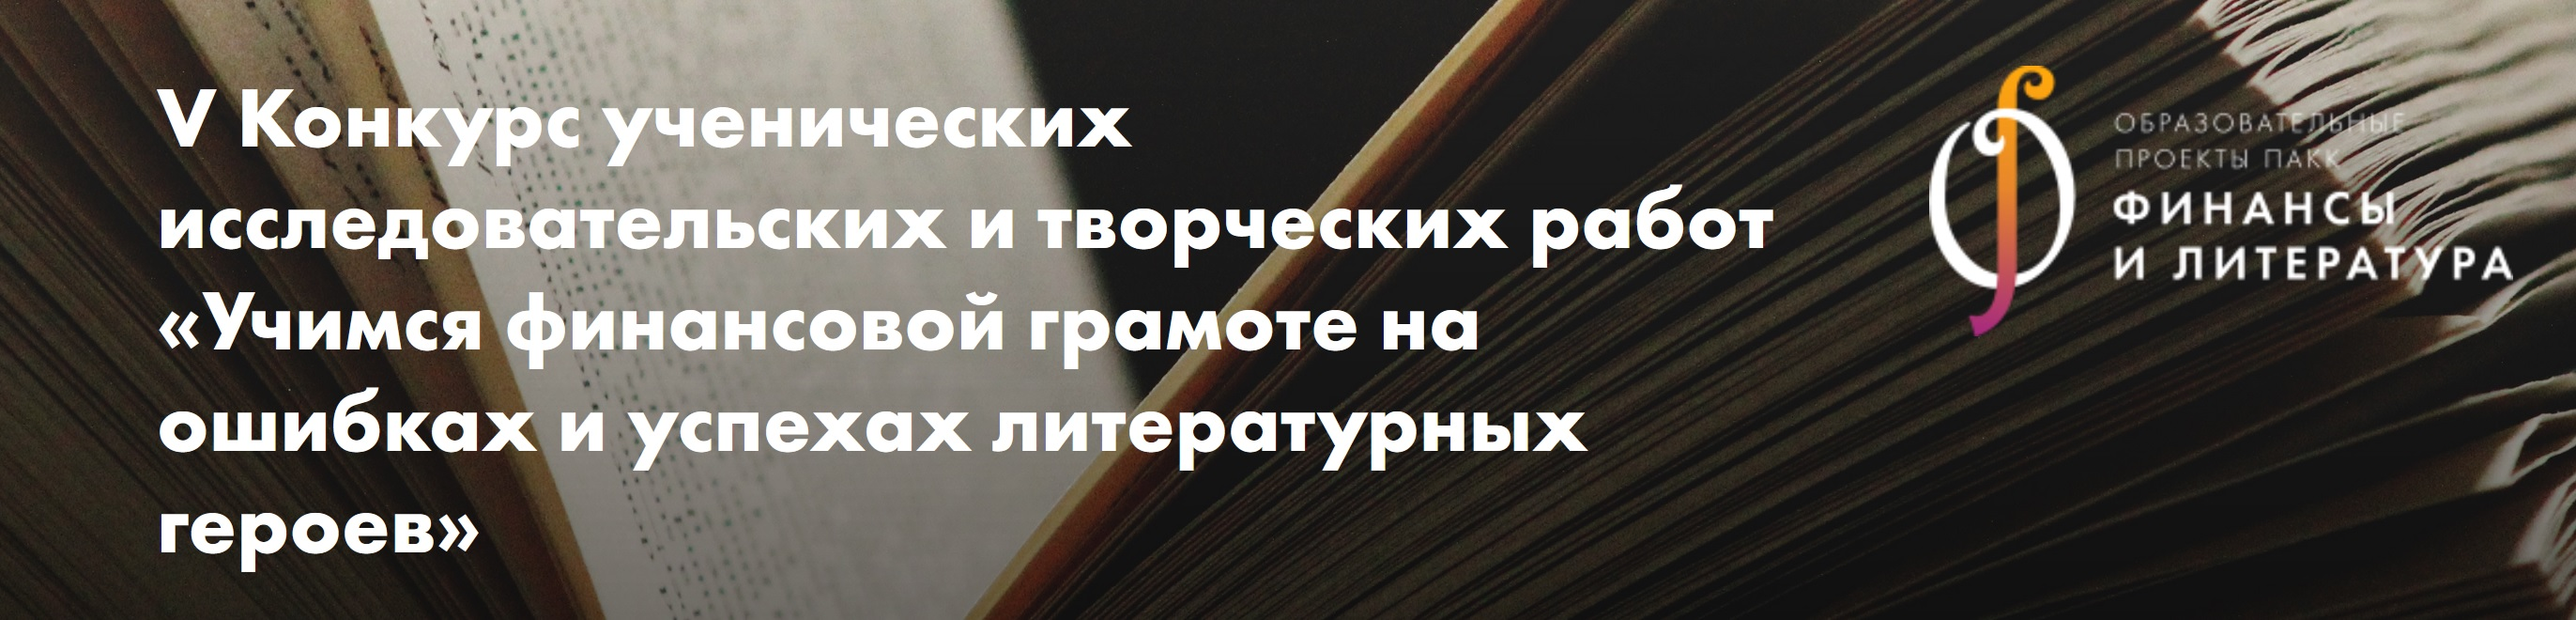 «Учимся финансовой грамоте на ошибках и успехах литературных героев»